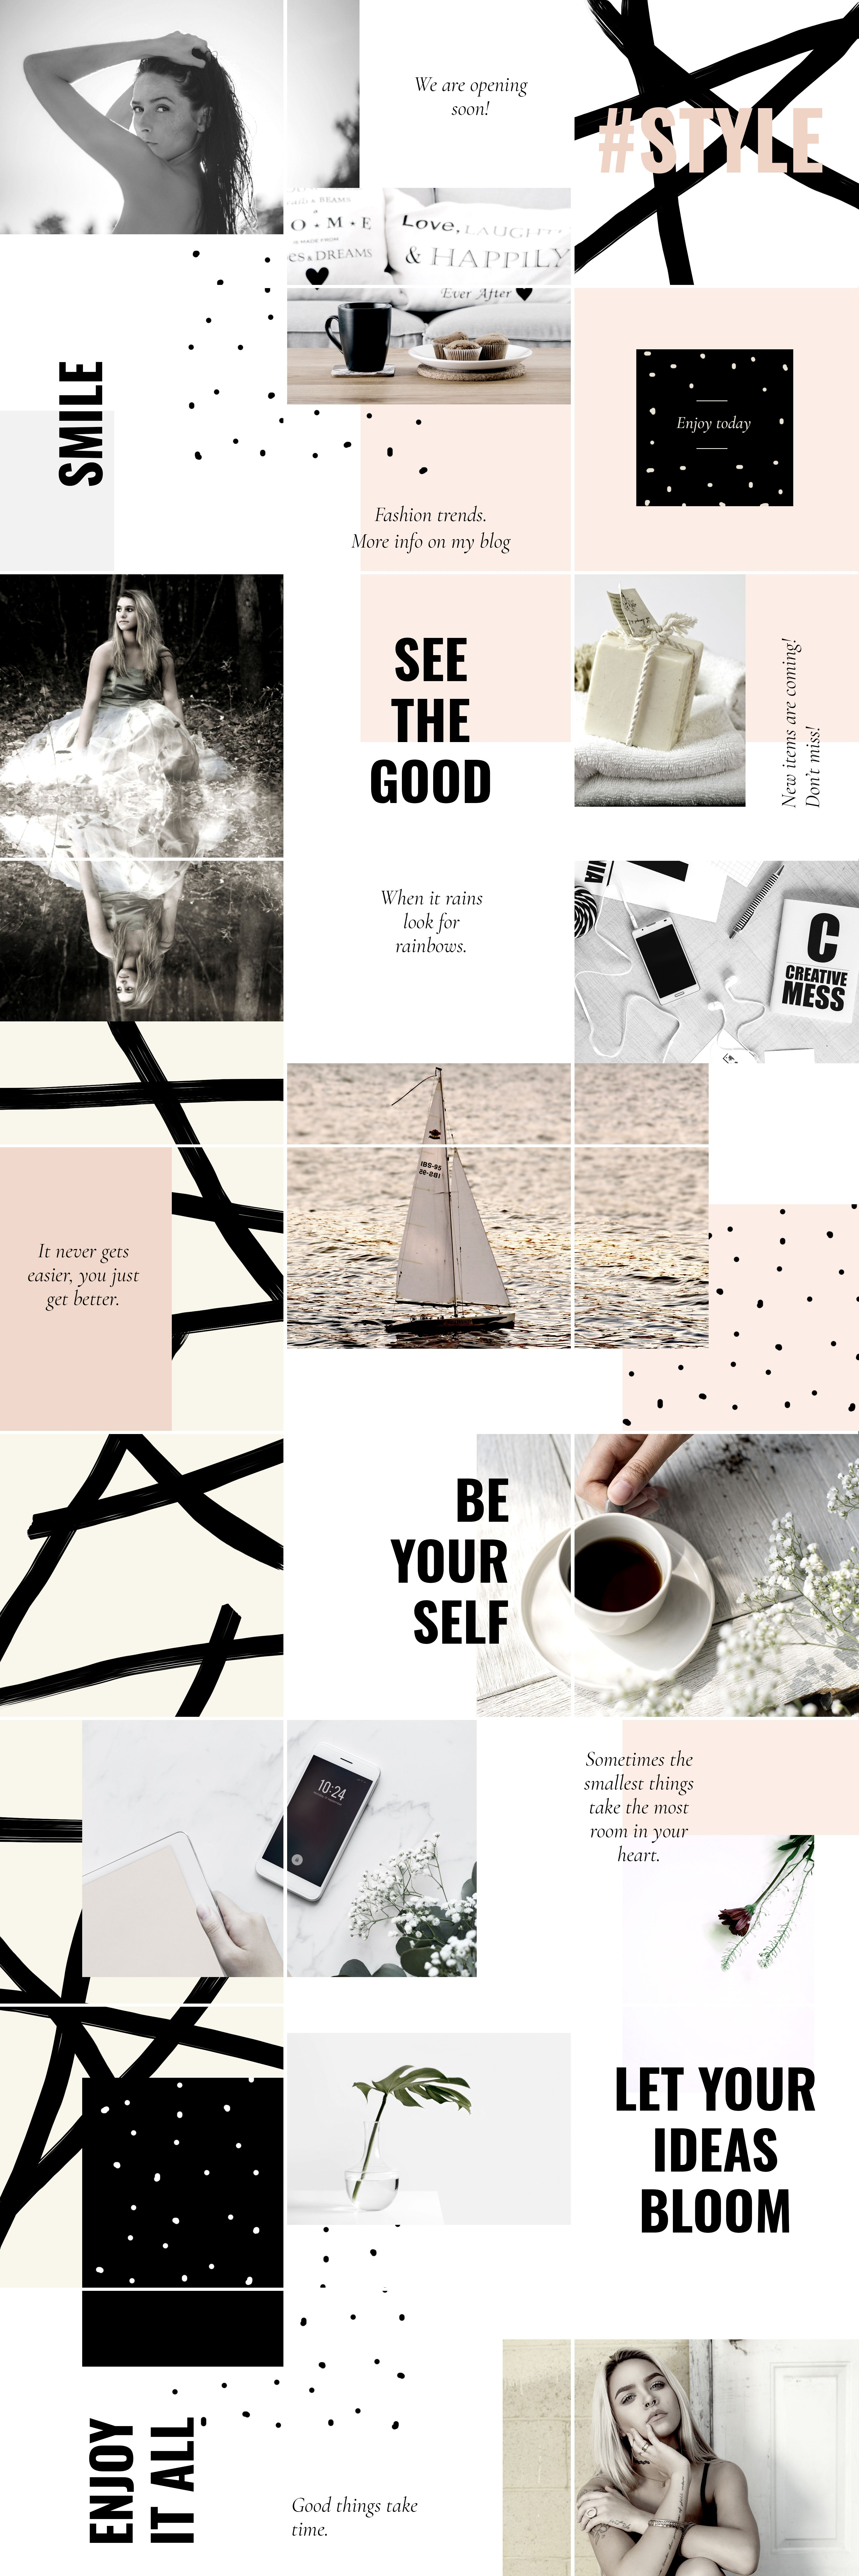 Instagram grid photoshop